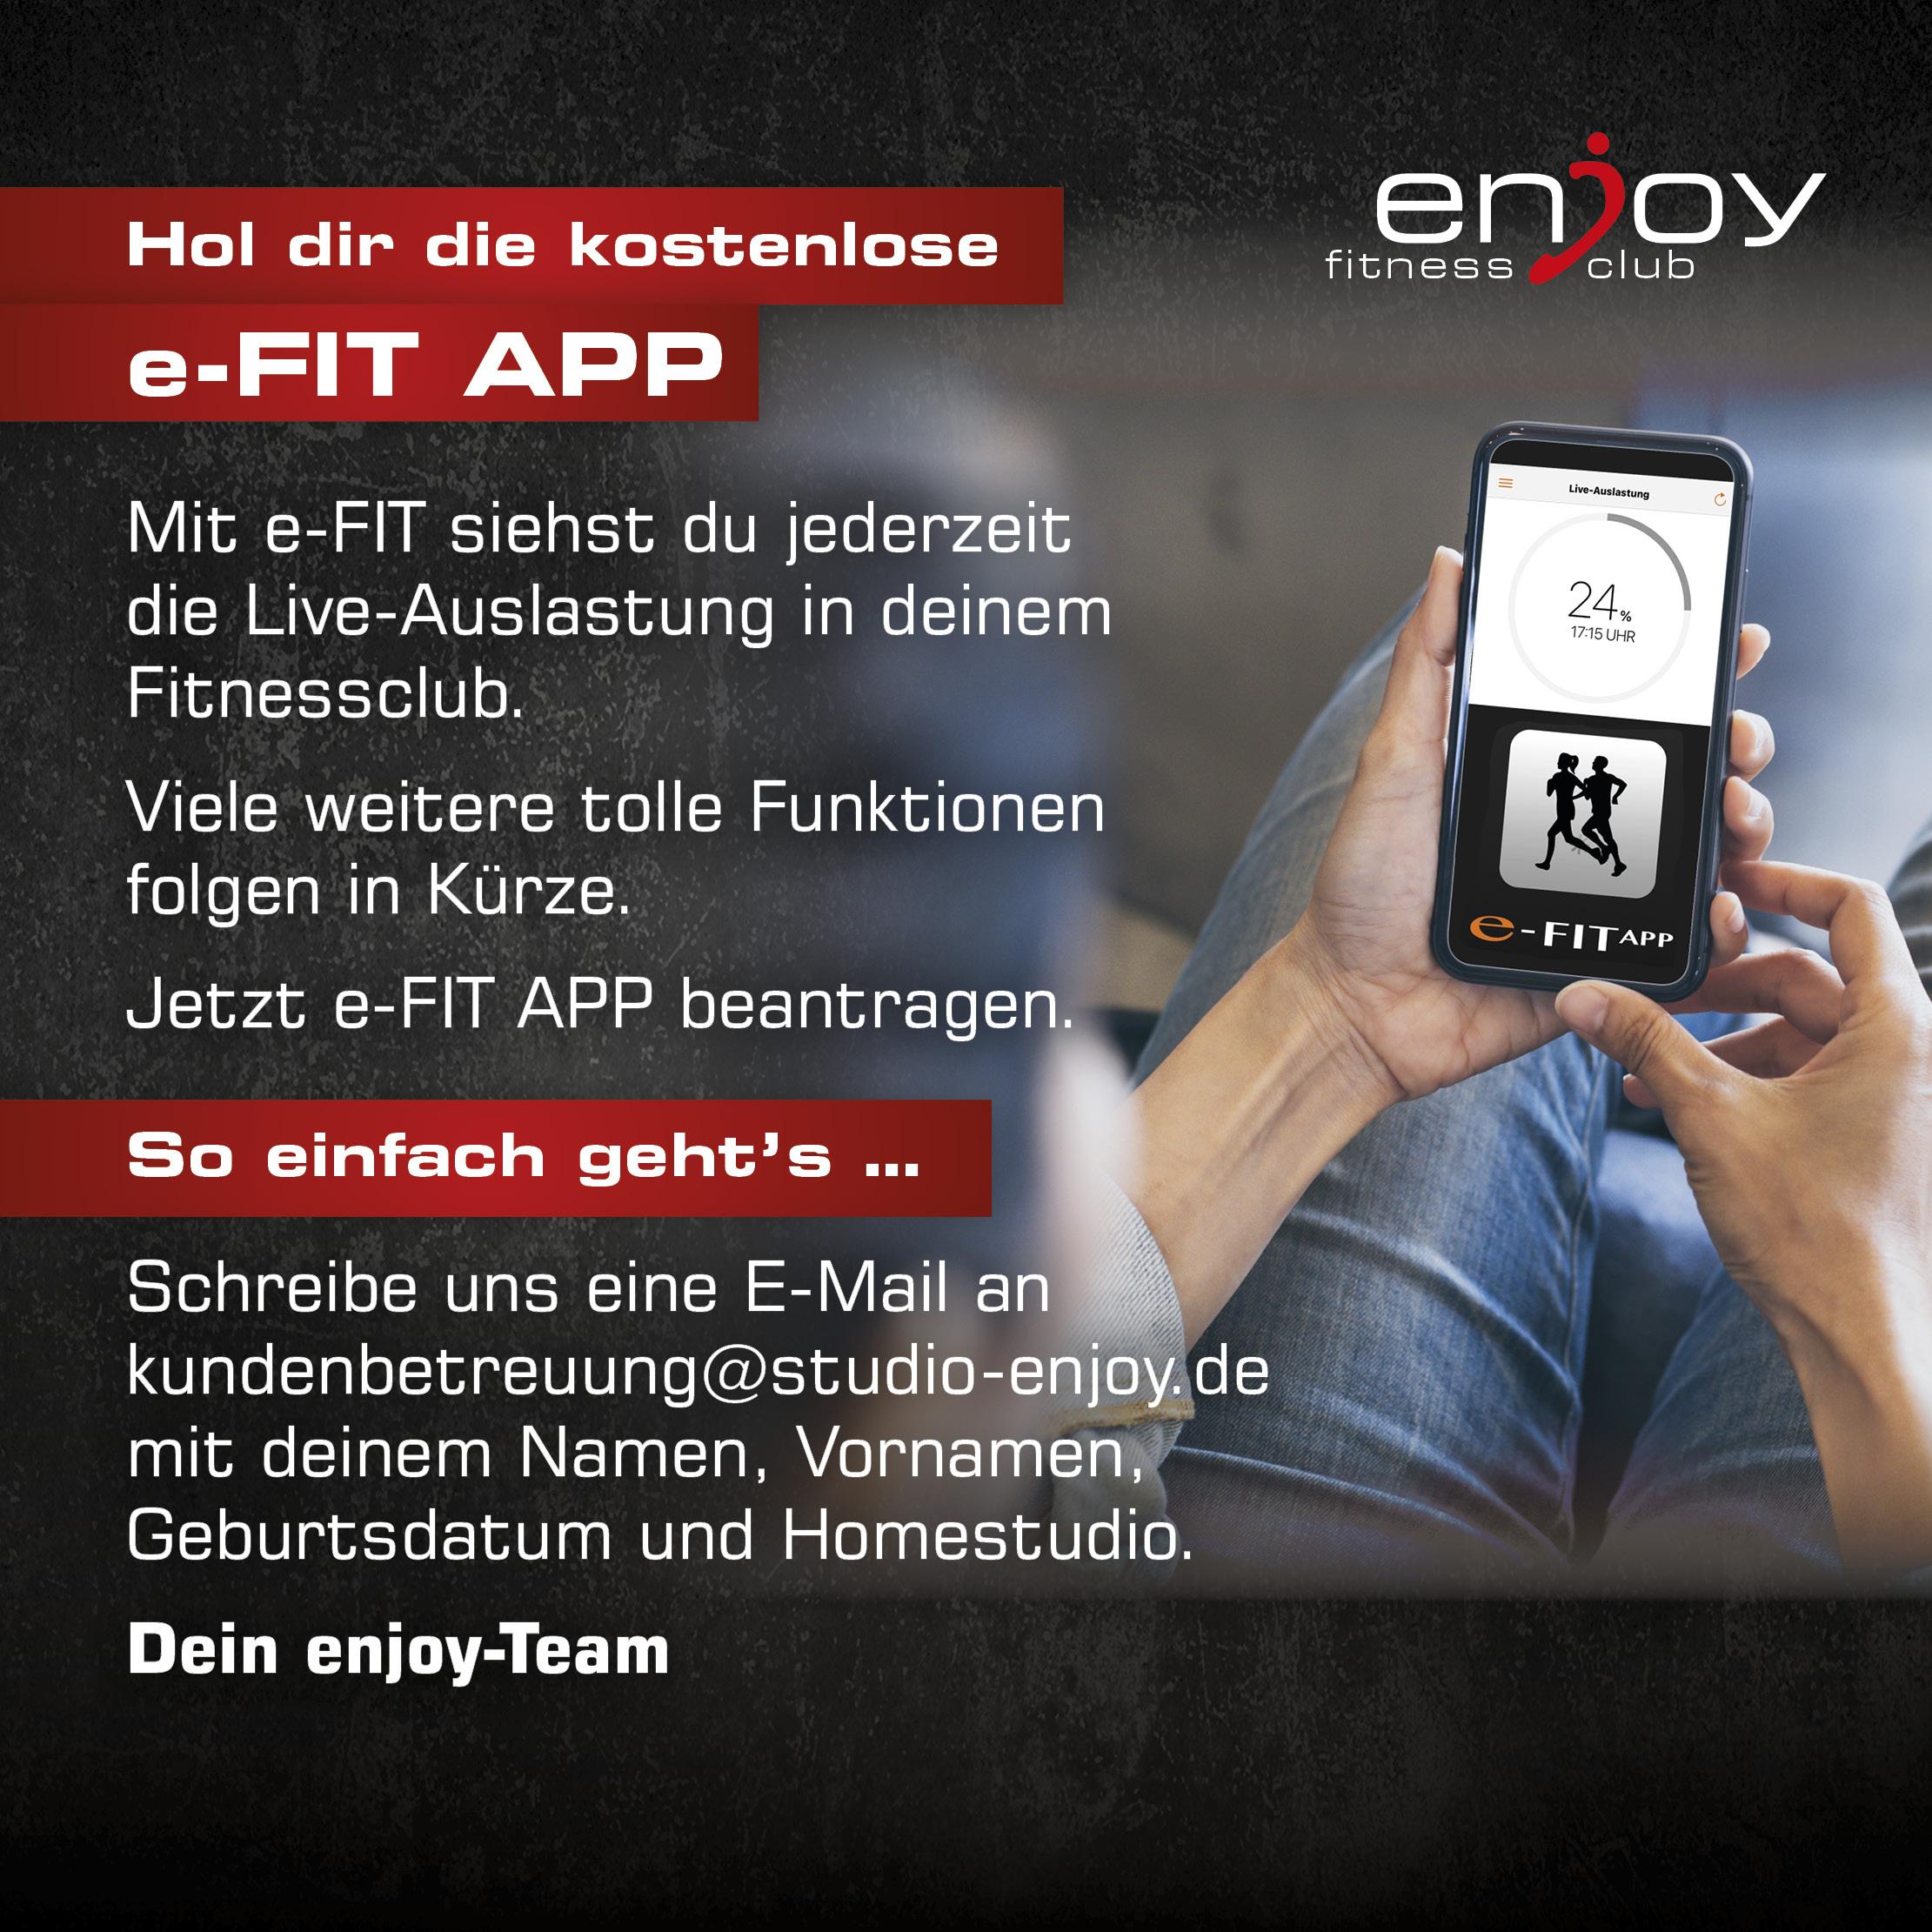 e-FIT APP